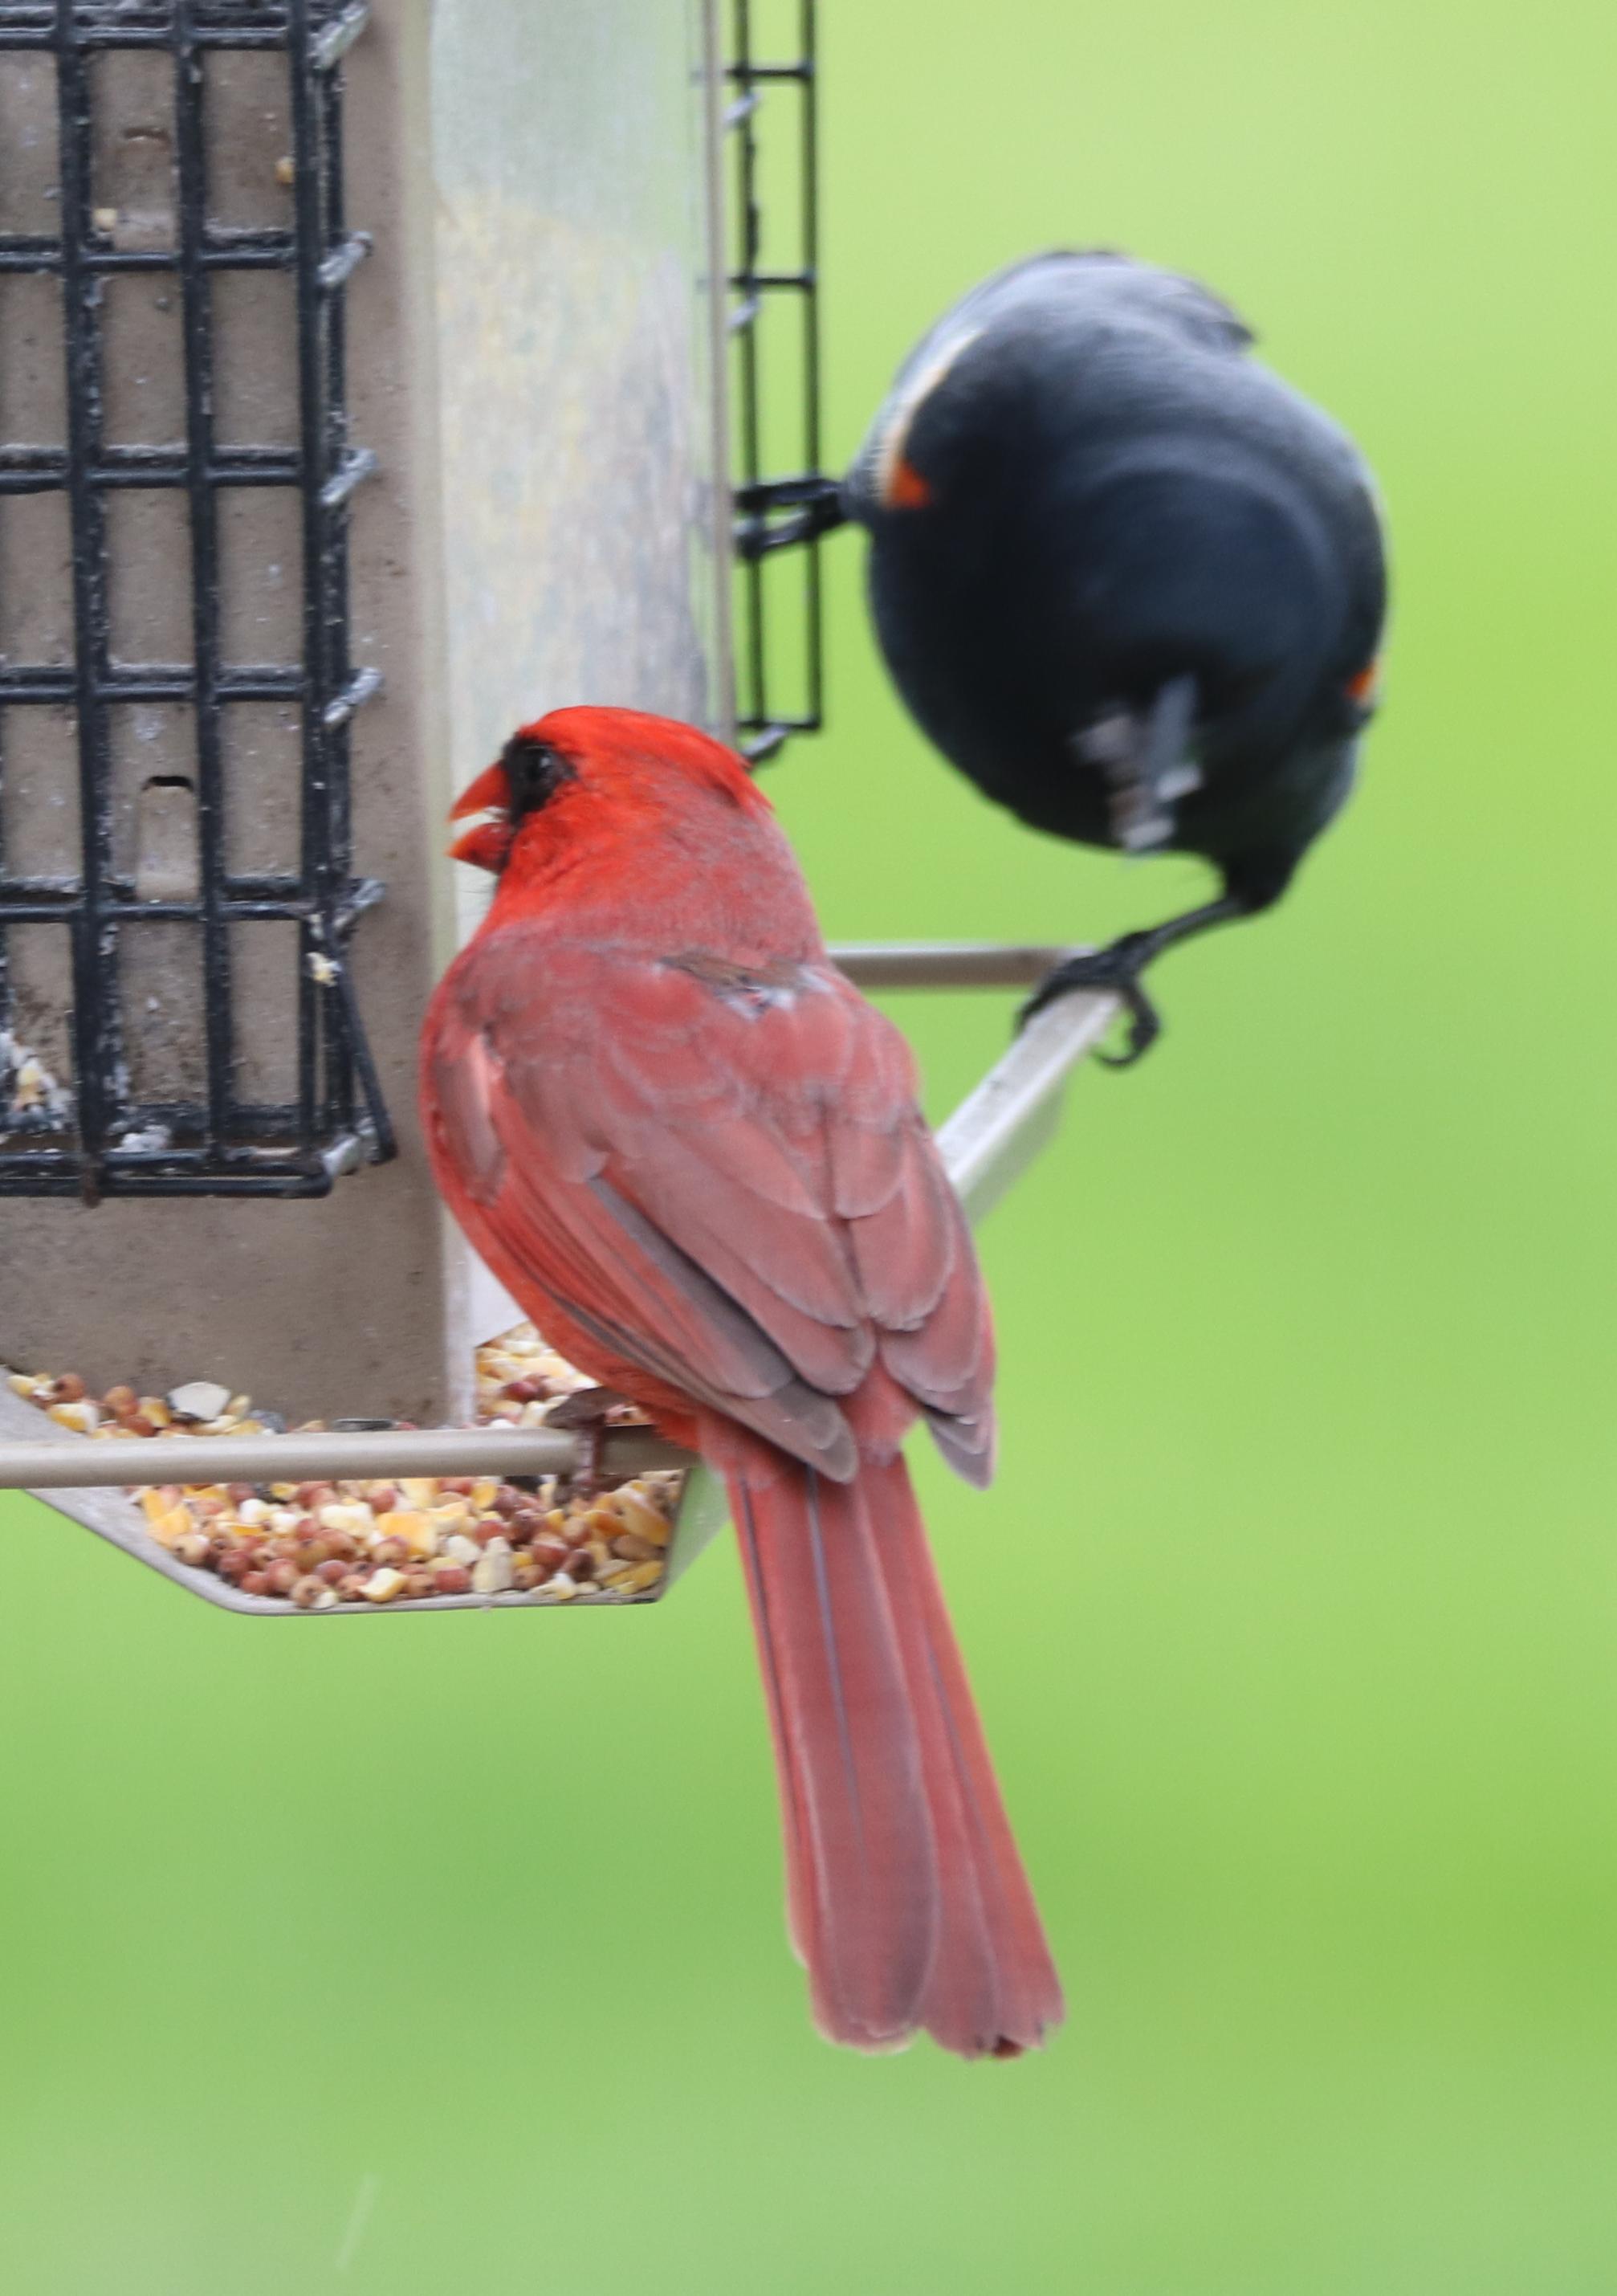 Cardinal and Evil